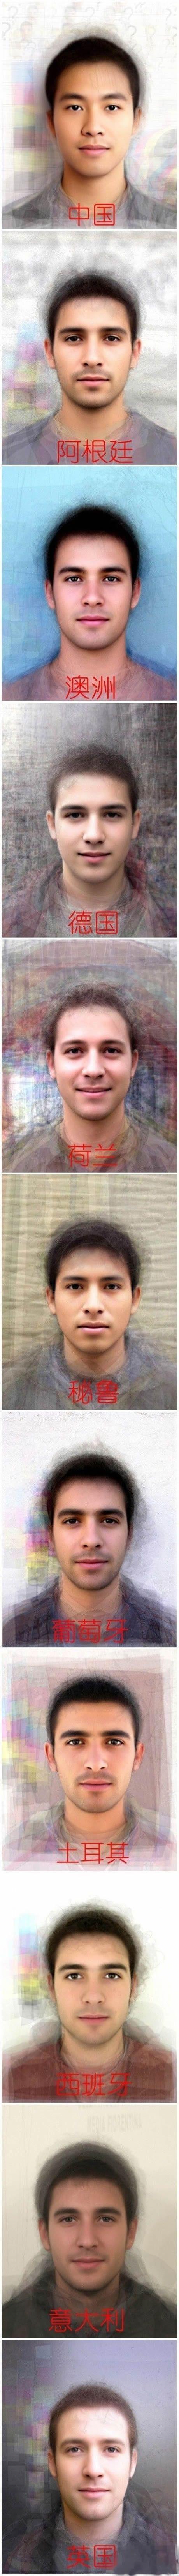 男人标准国脸,你喜欢哪个?